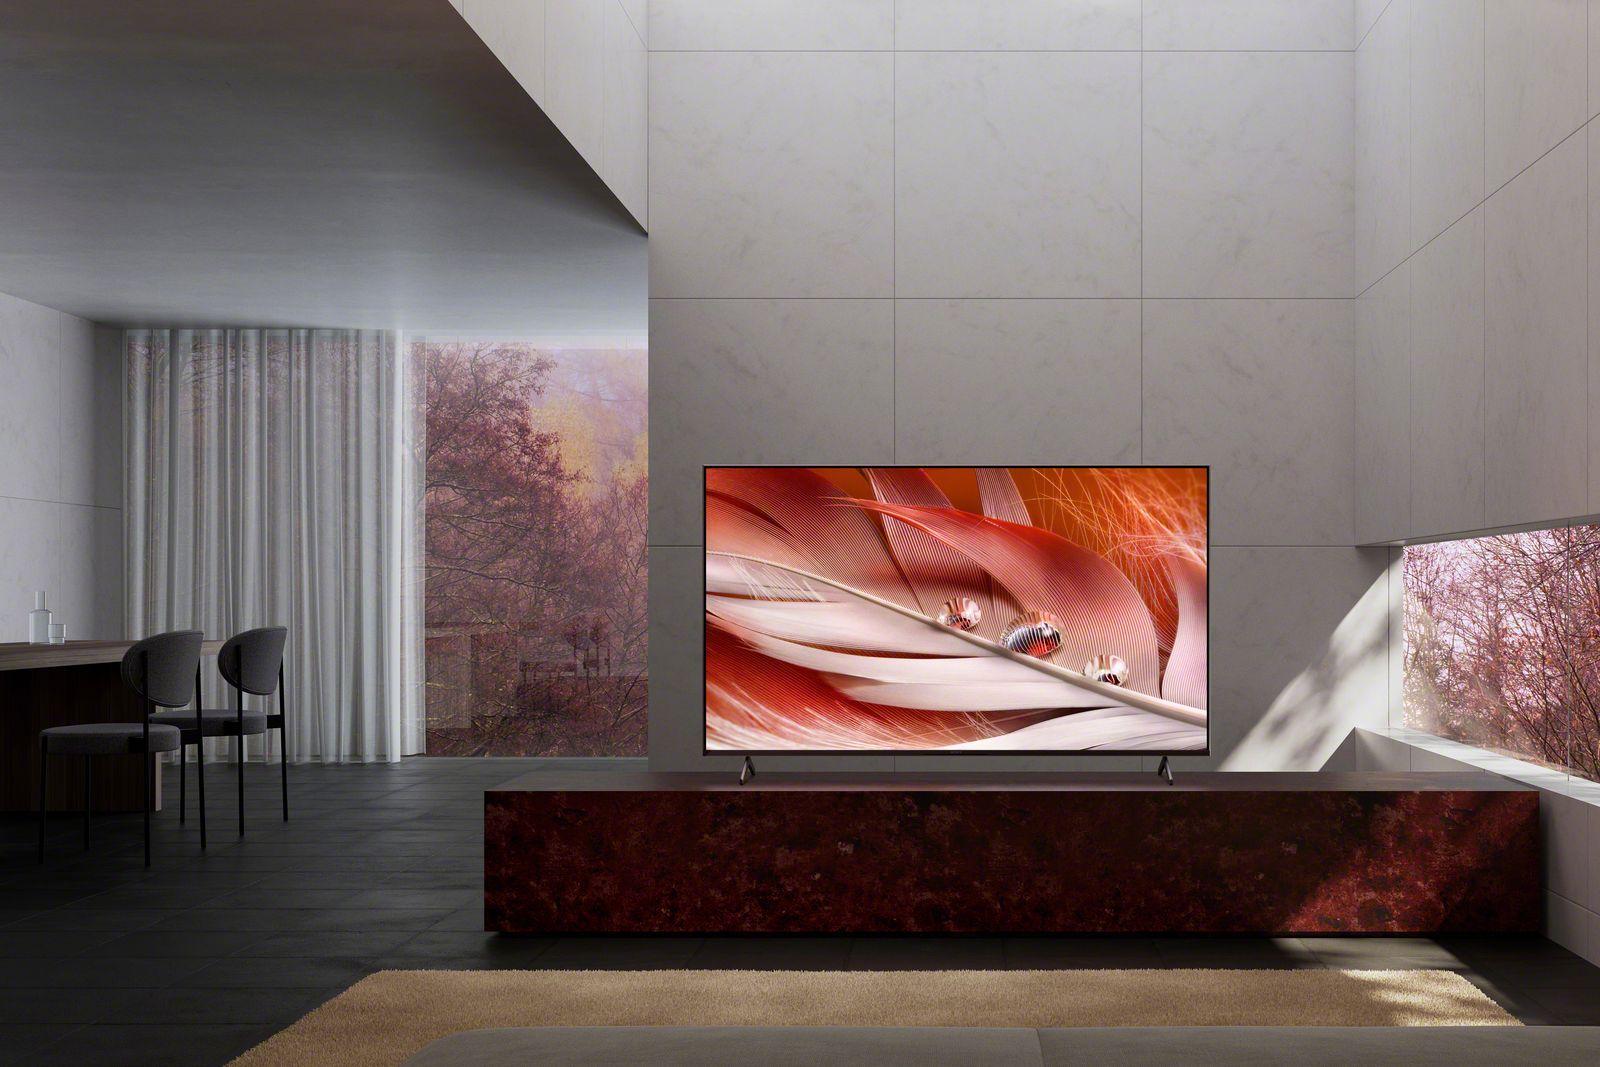 Sony TV CES 2021